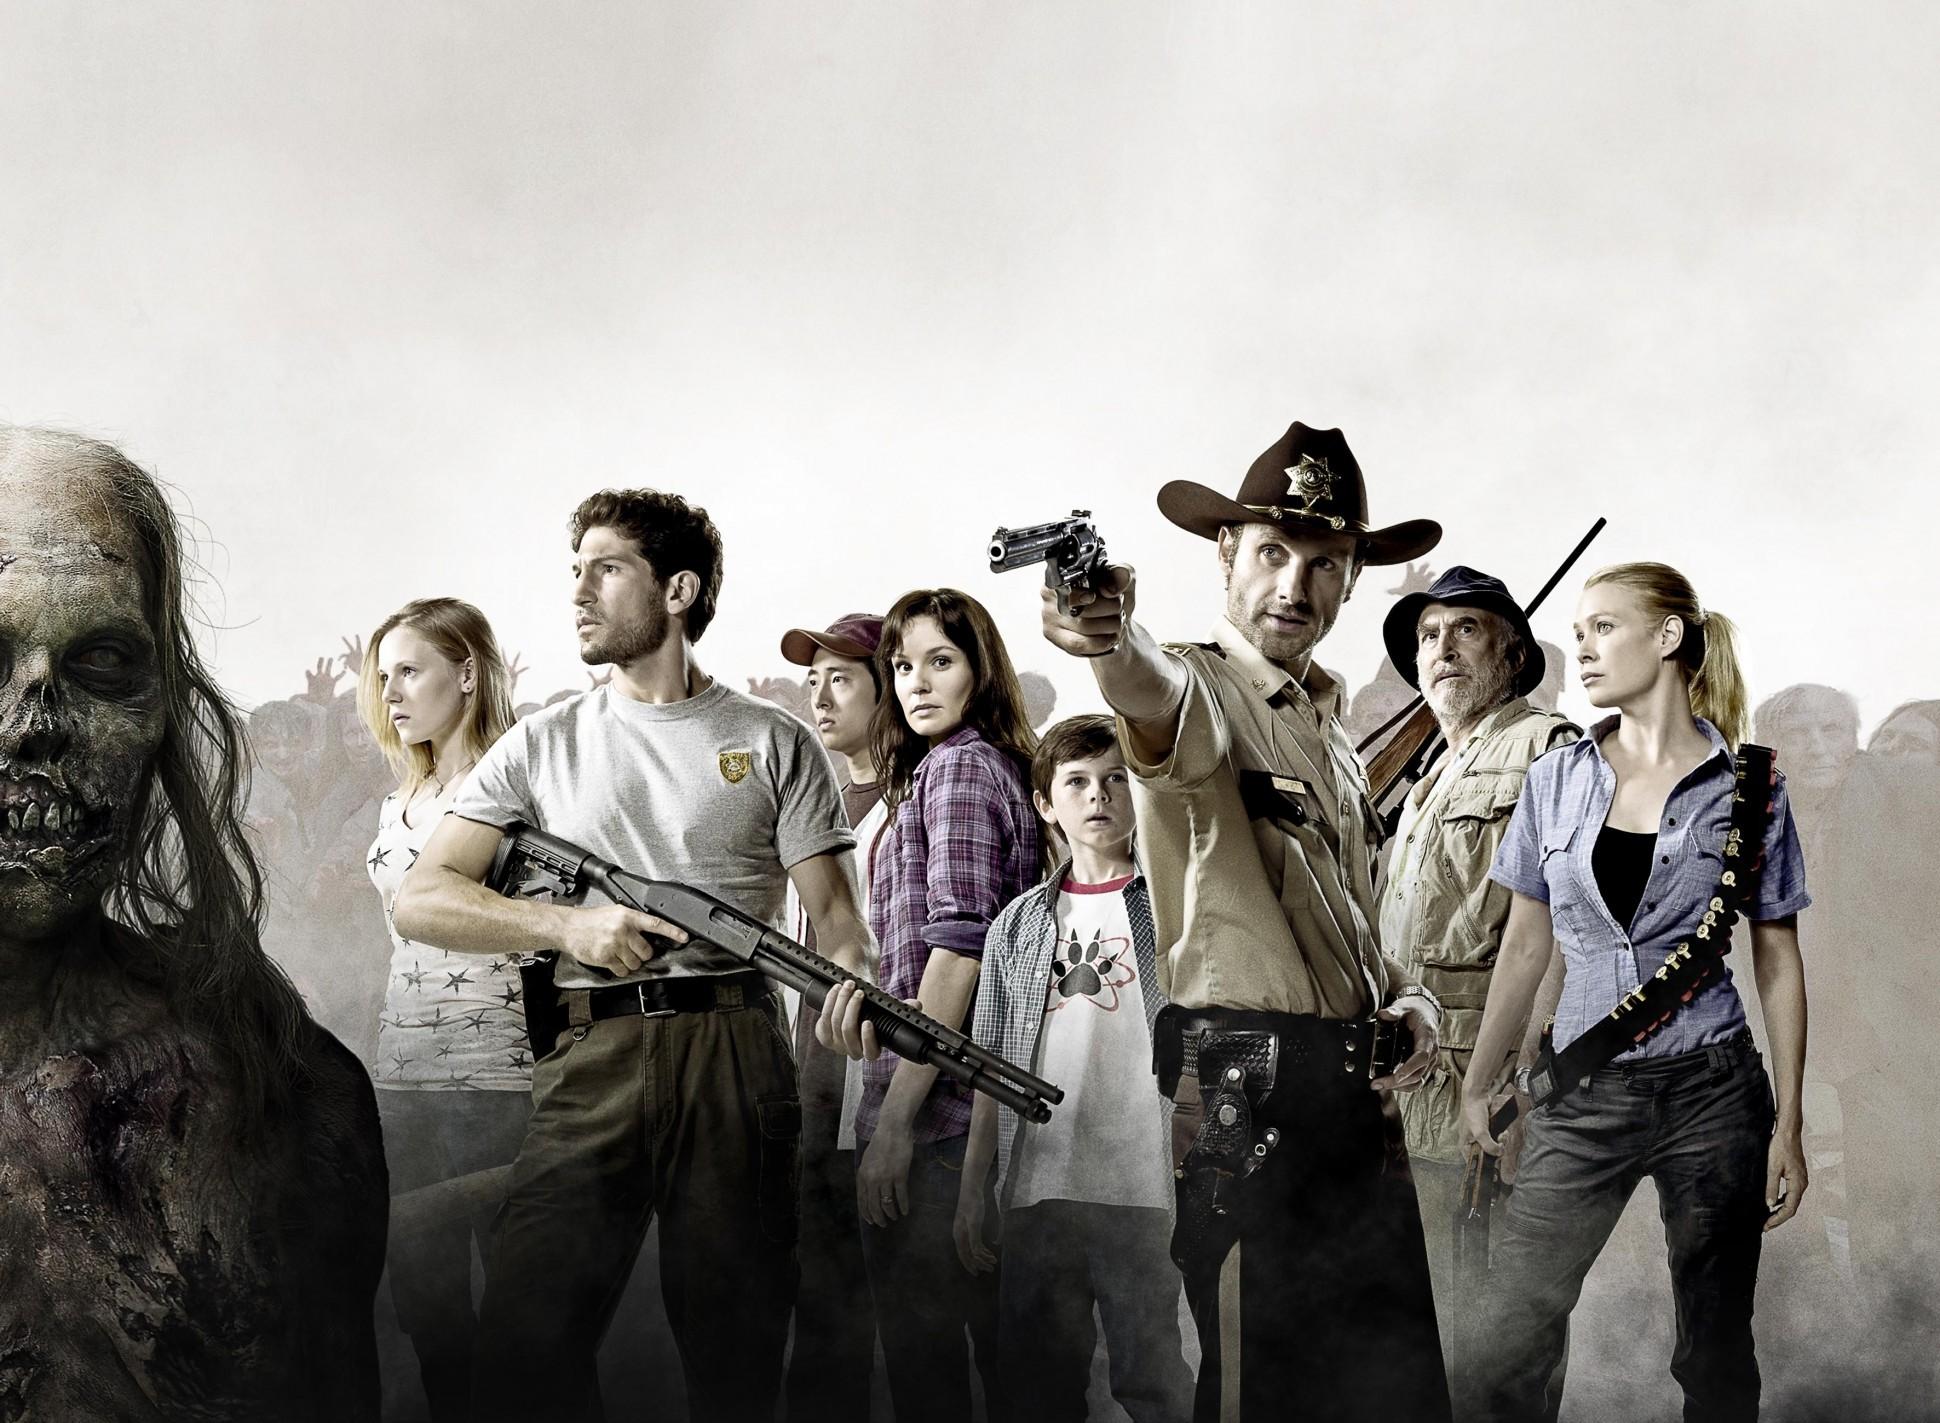 De cast van The Walking Dead: de serie van de strip.